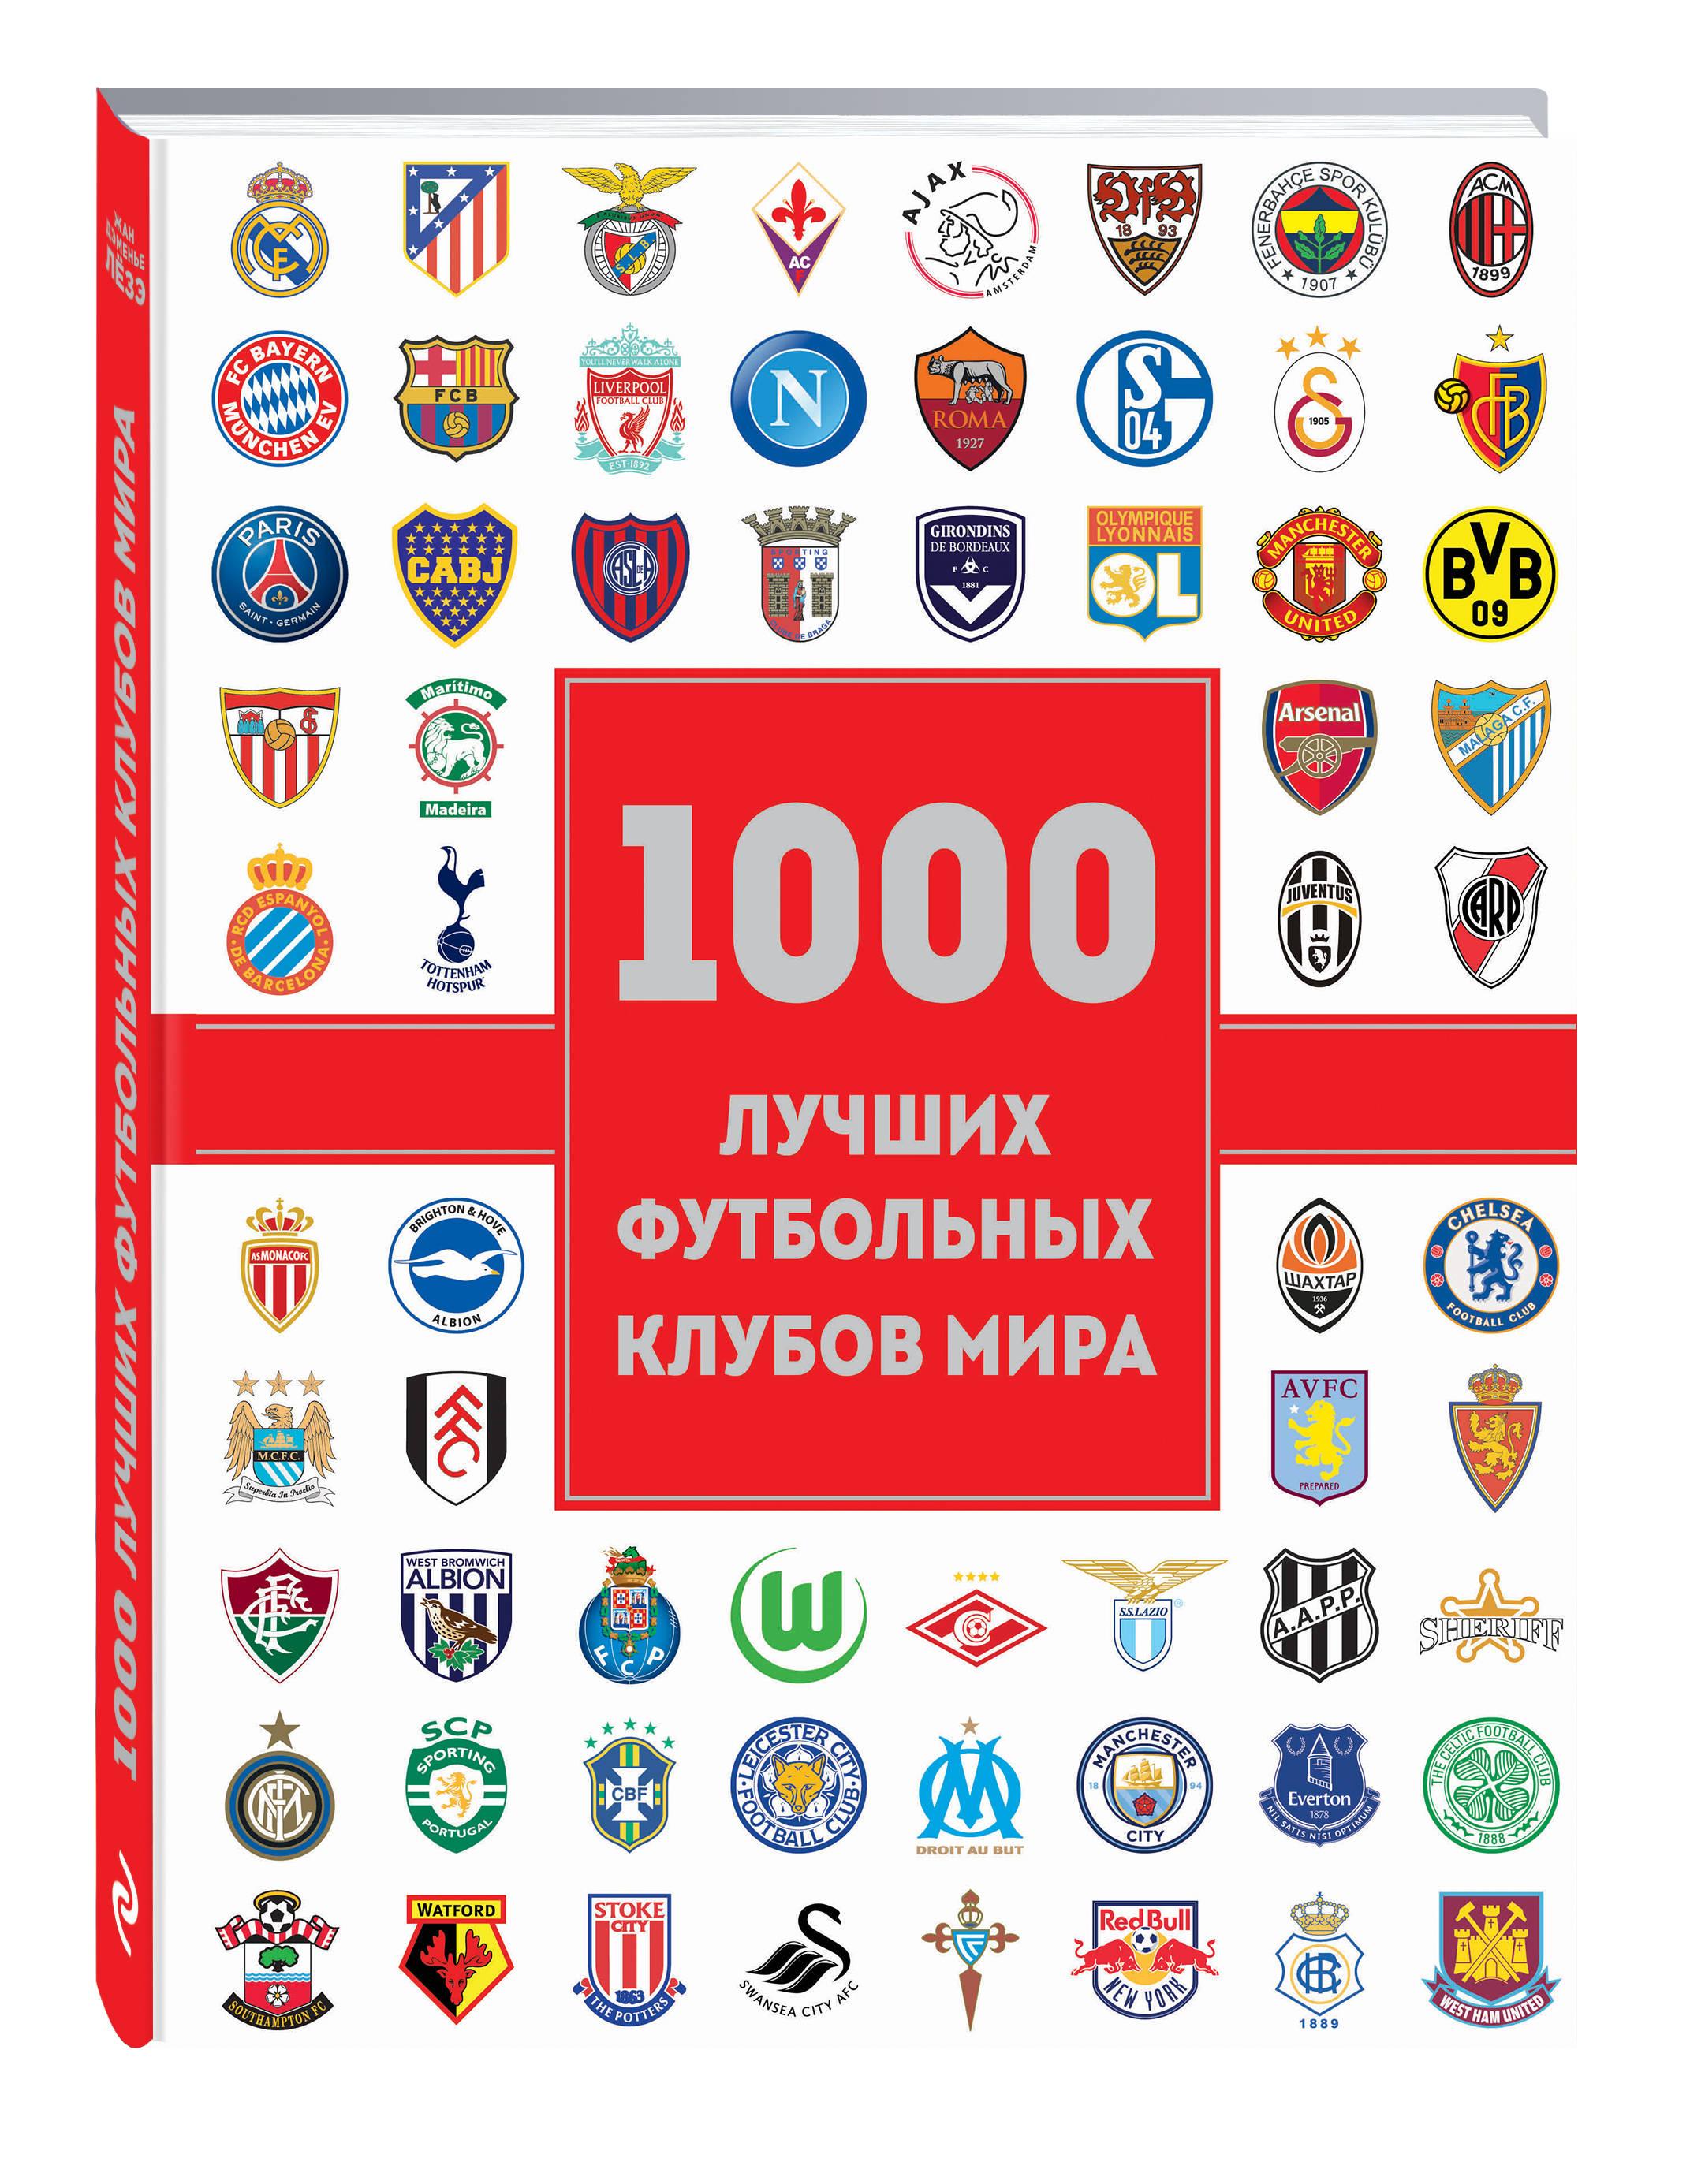 Лёзэ Ж. 1000 лучших футбольных клубов мира (2-е изд.)